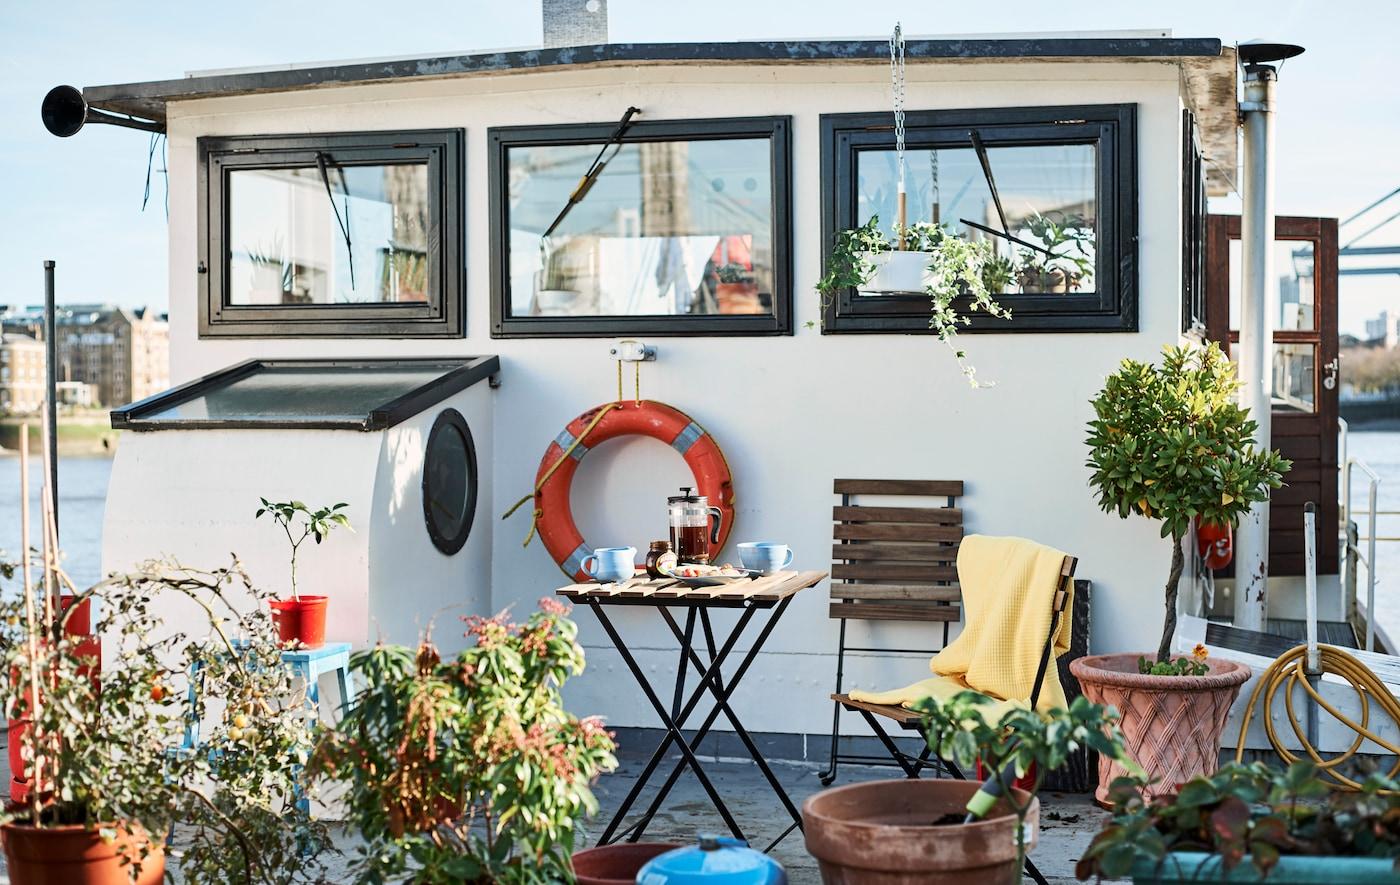 装点着户外植物的船屋,甲板上还放置着座椅。